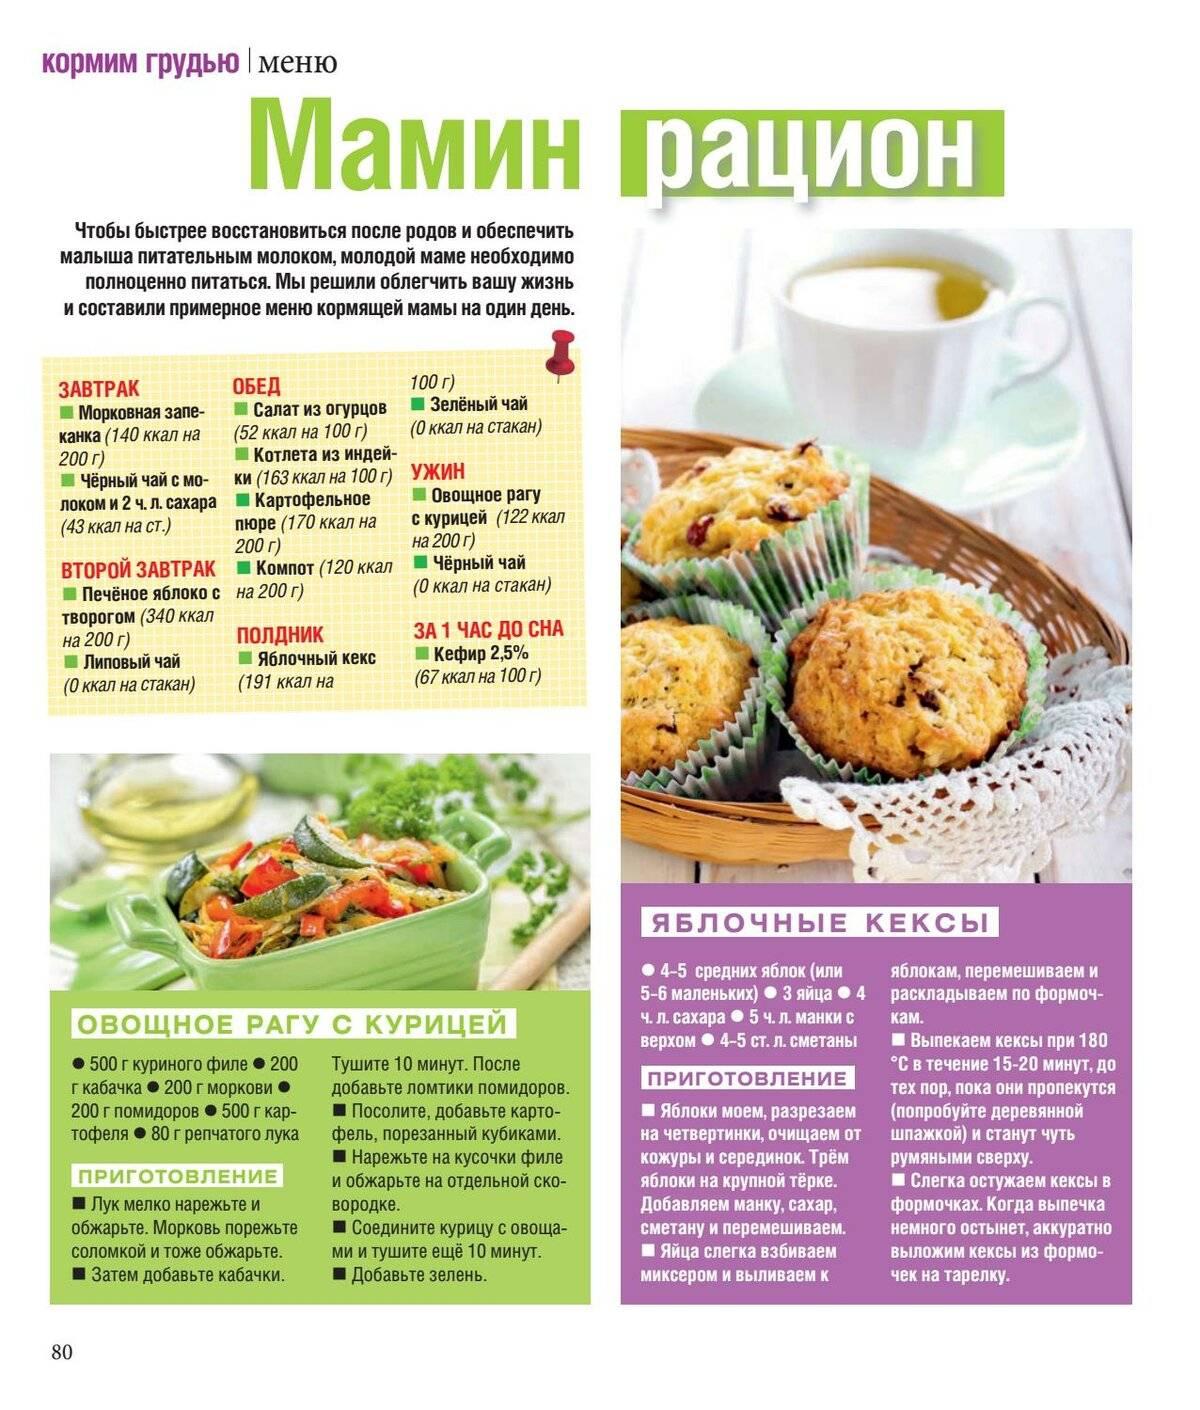 Рецепты блюд для кормящих мам новорожденных в первый месяц, меню на неделю